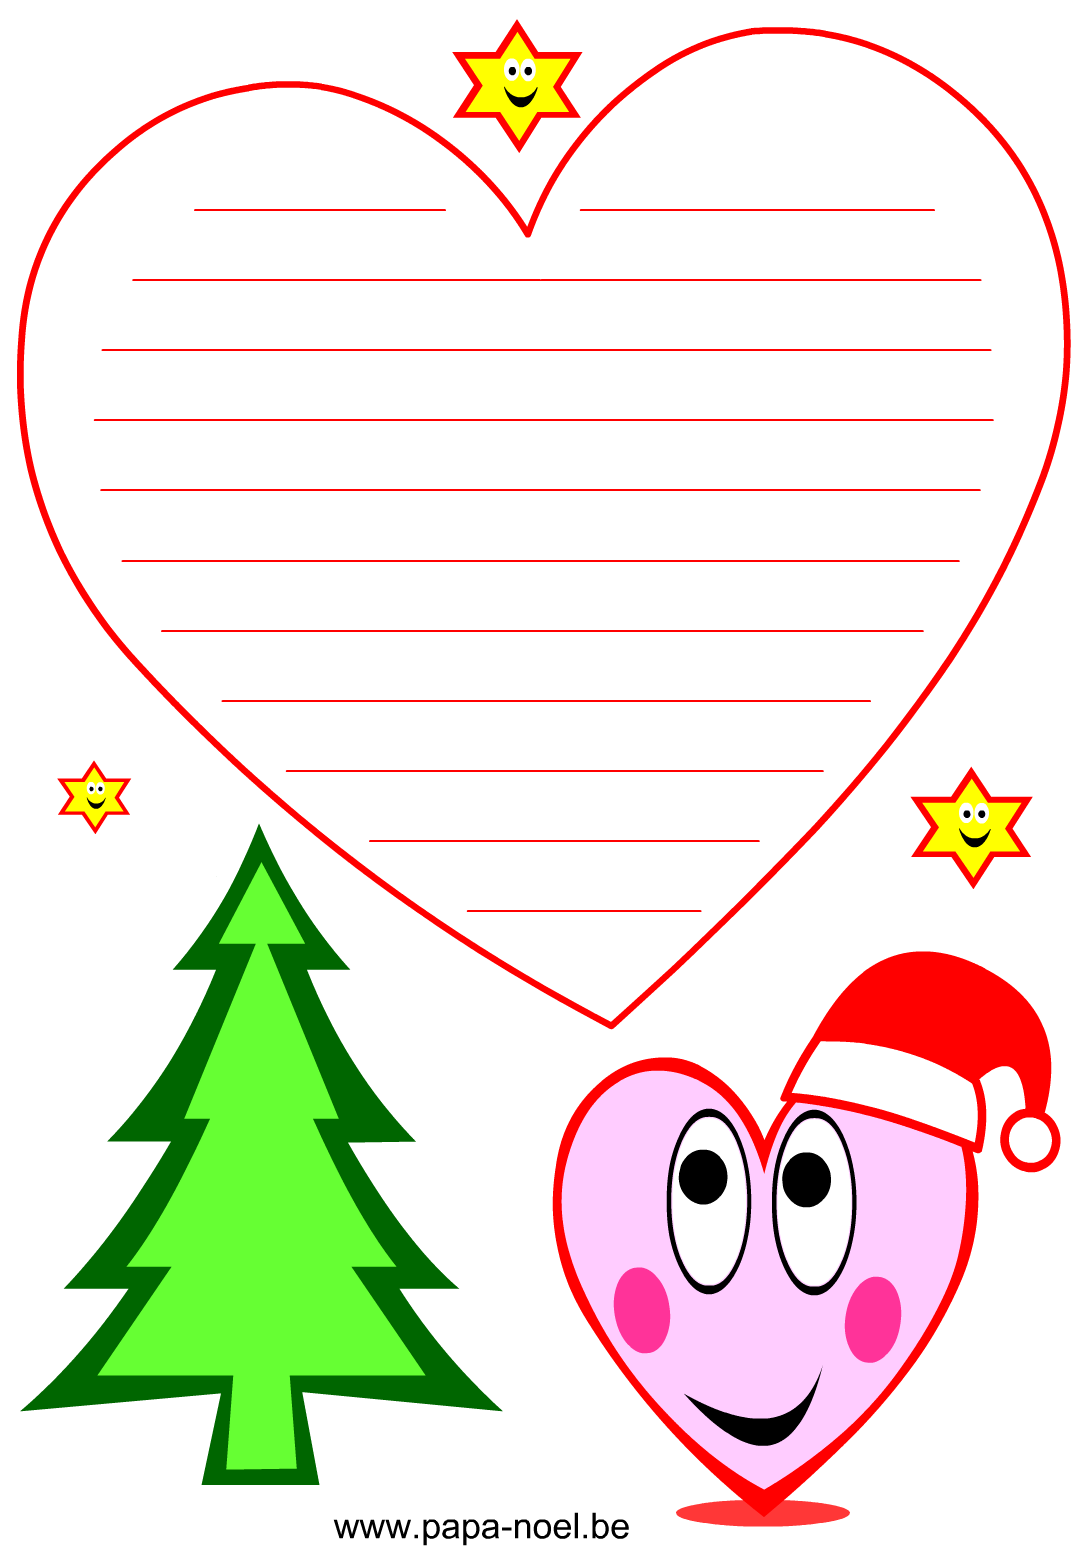 Papier A Lettre Noel à Imprimer Noël Gratuit Lettres Dessin